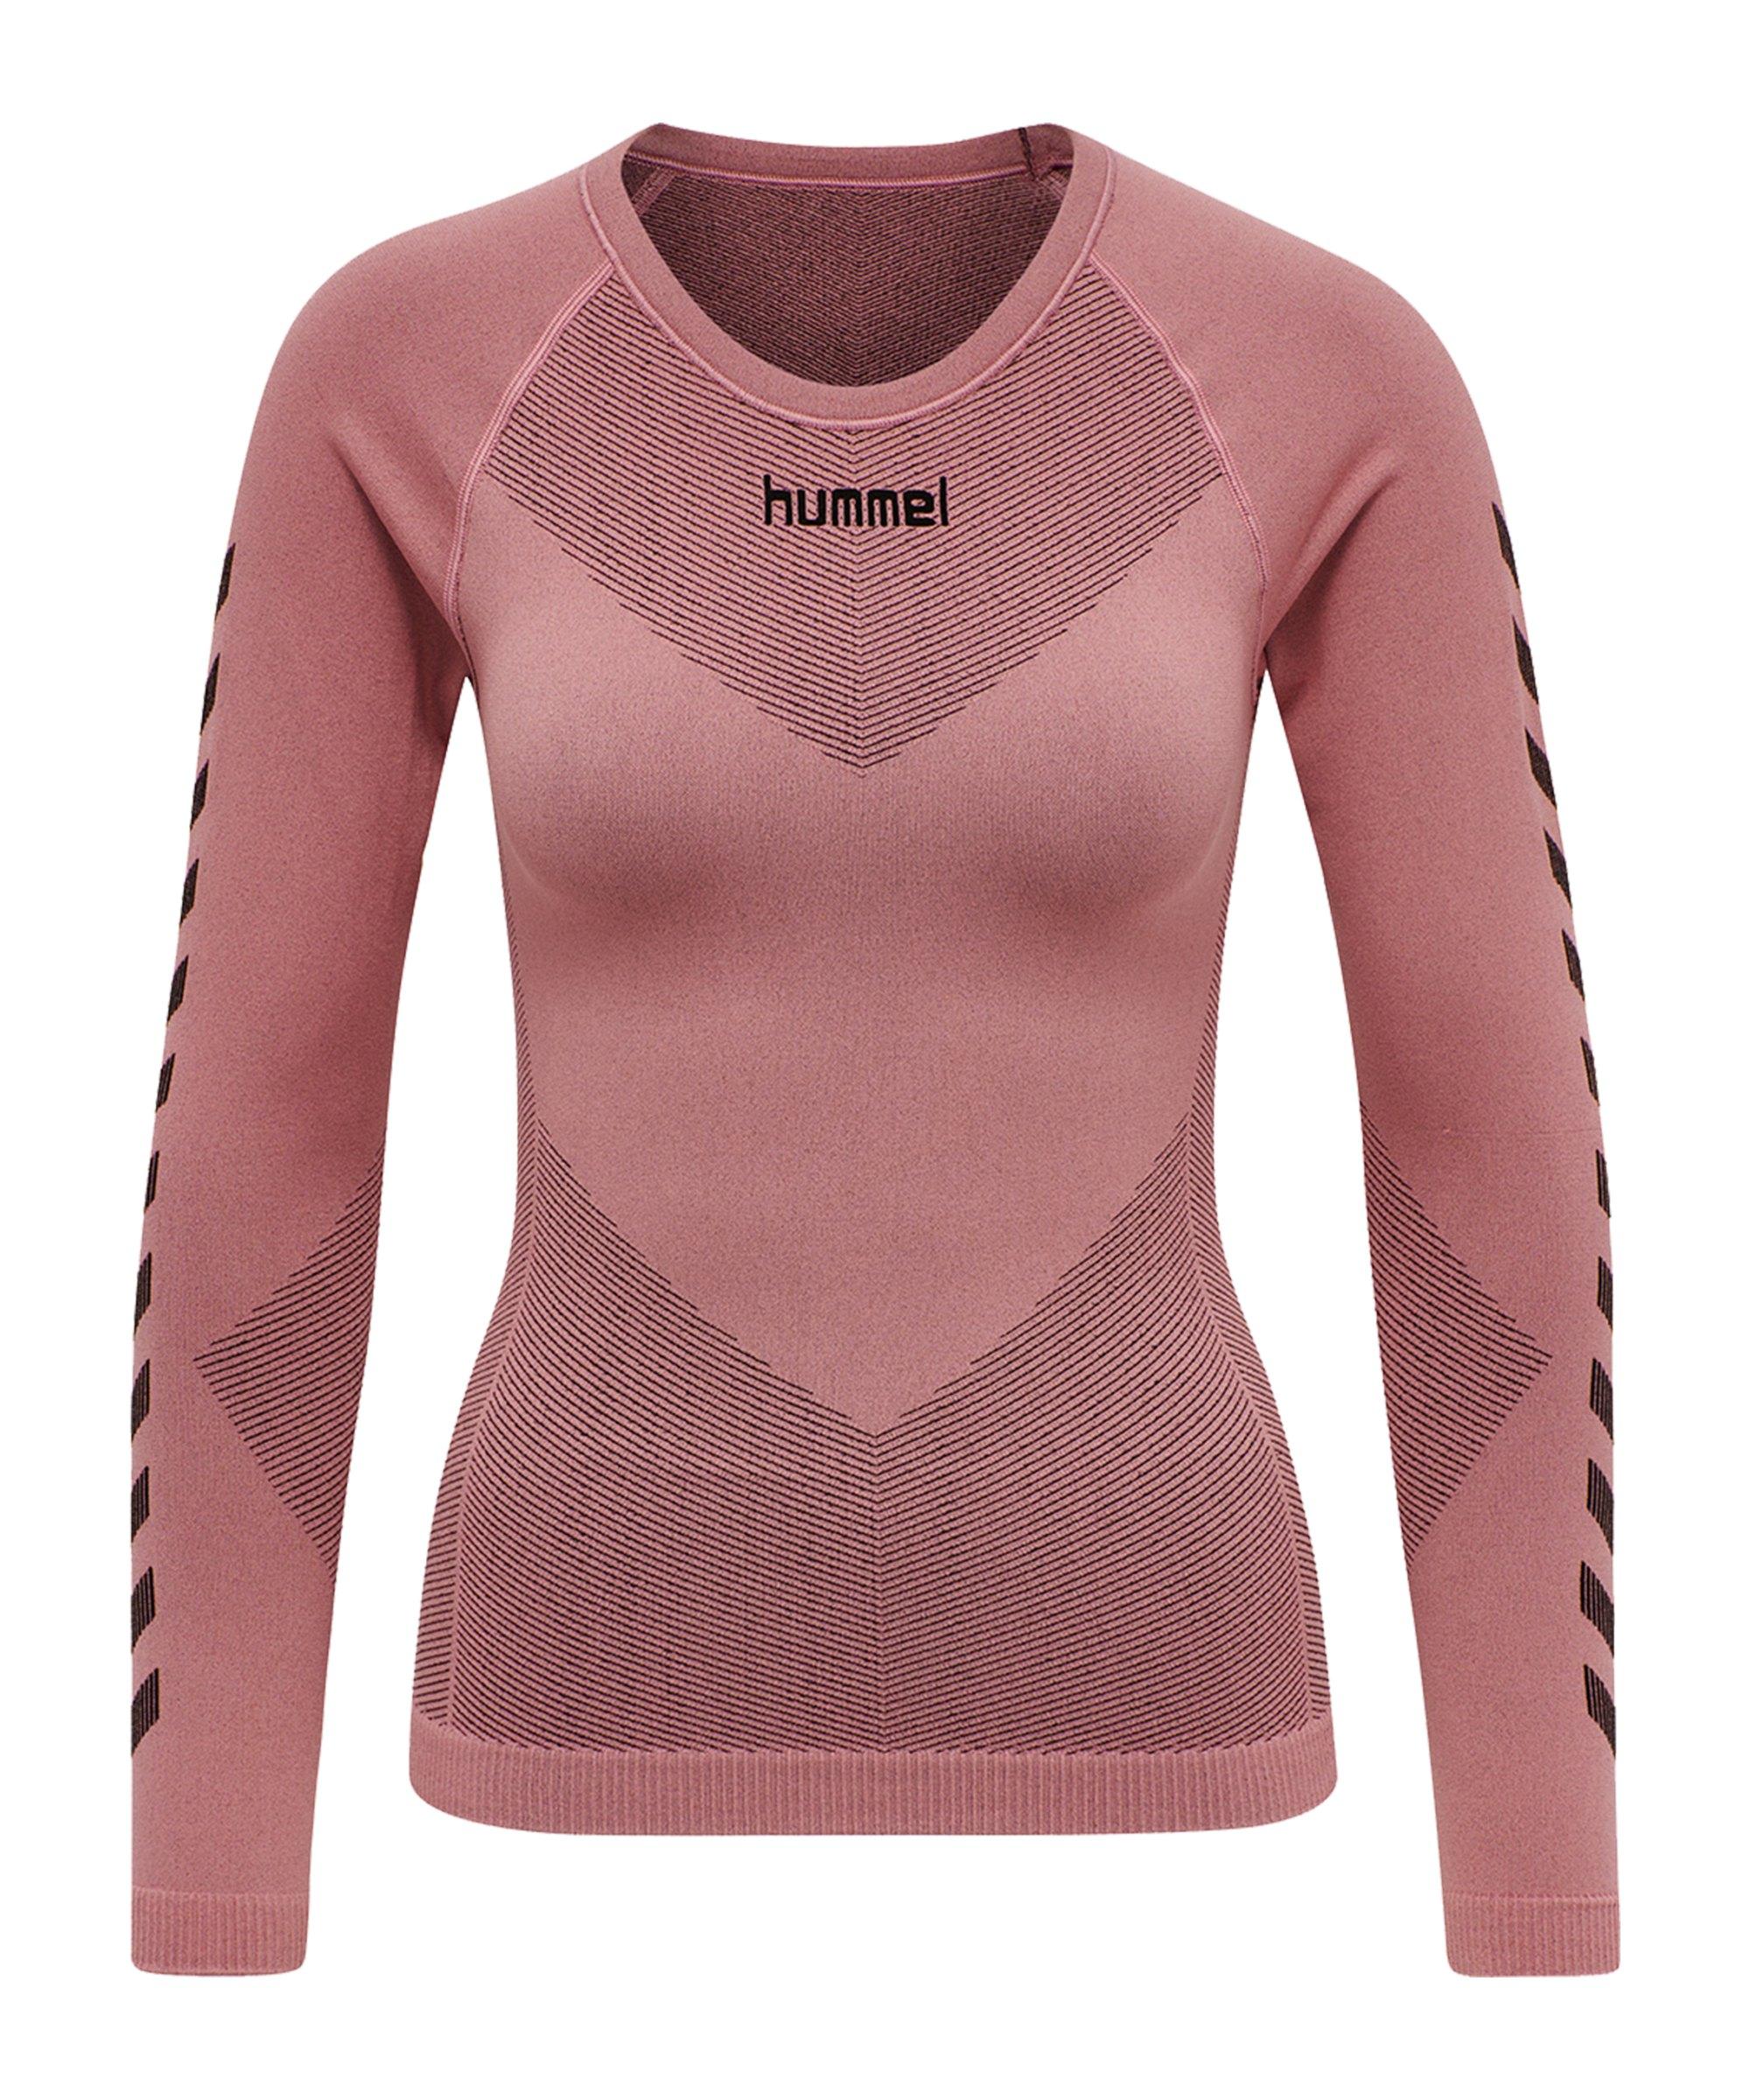 Hummel First Seamless Longsleeve Damen Rosa F4337 - rosa